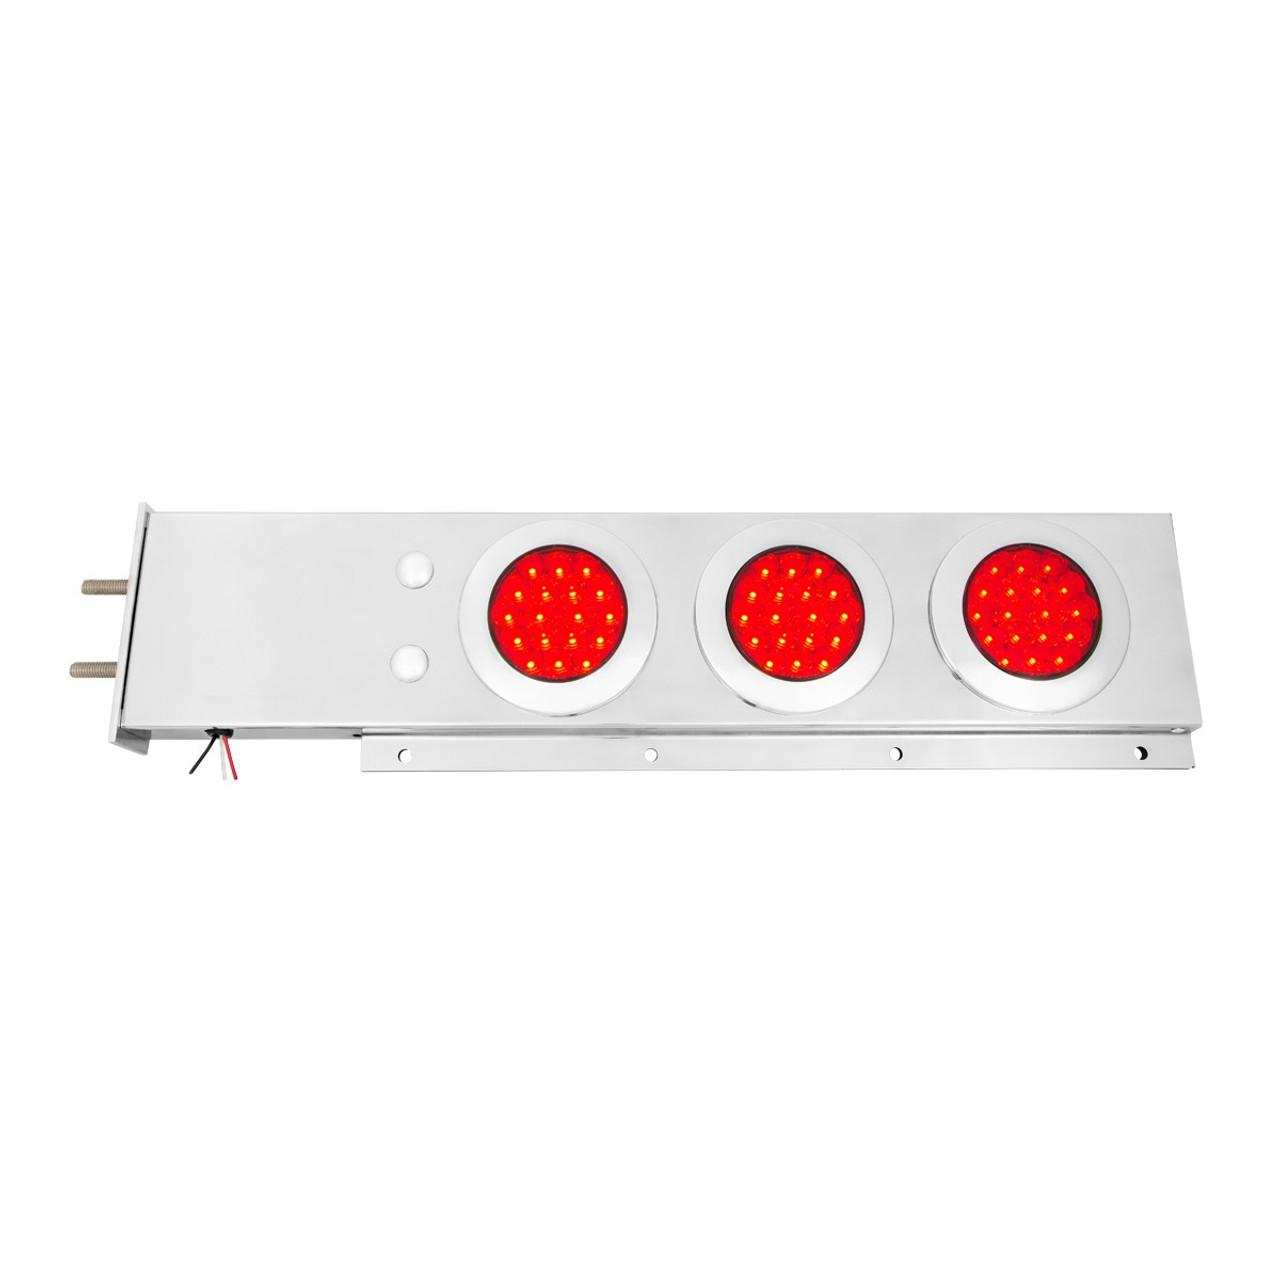 two piece spring loaded rear light bar w 4 lights elite truck rh elitetruckaccessories com Kenworth T800 Heater Fan Wiring Diagram Kenworth T800 Heater Fan Wiring Diagram